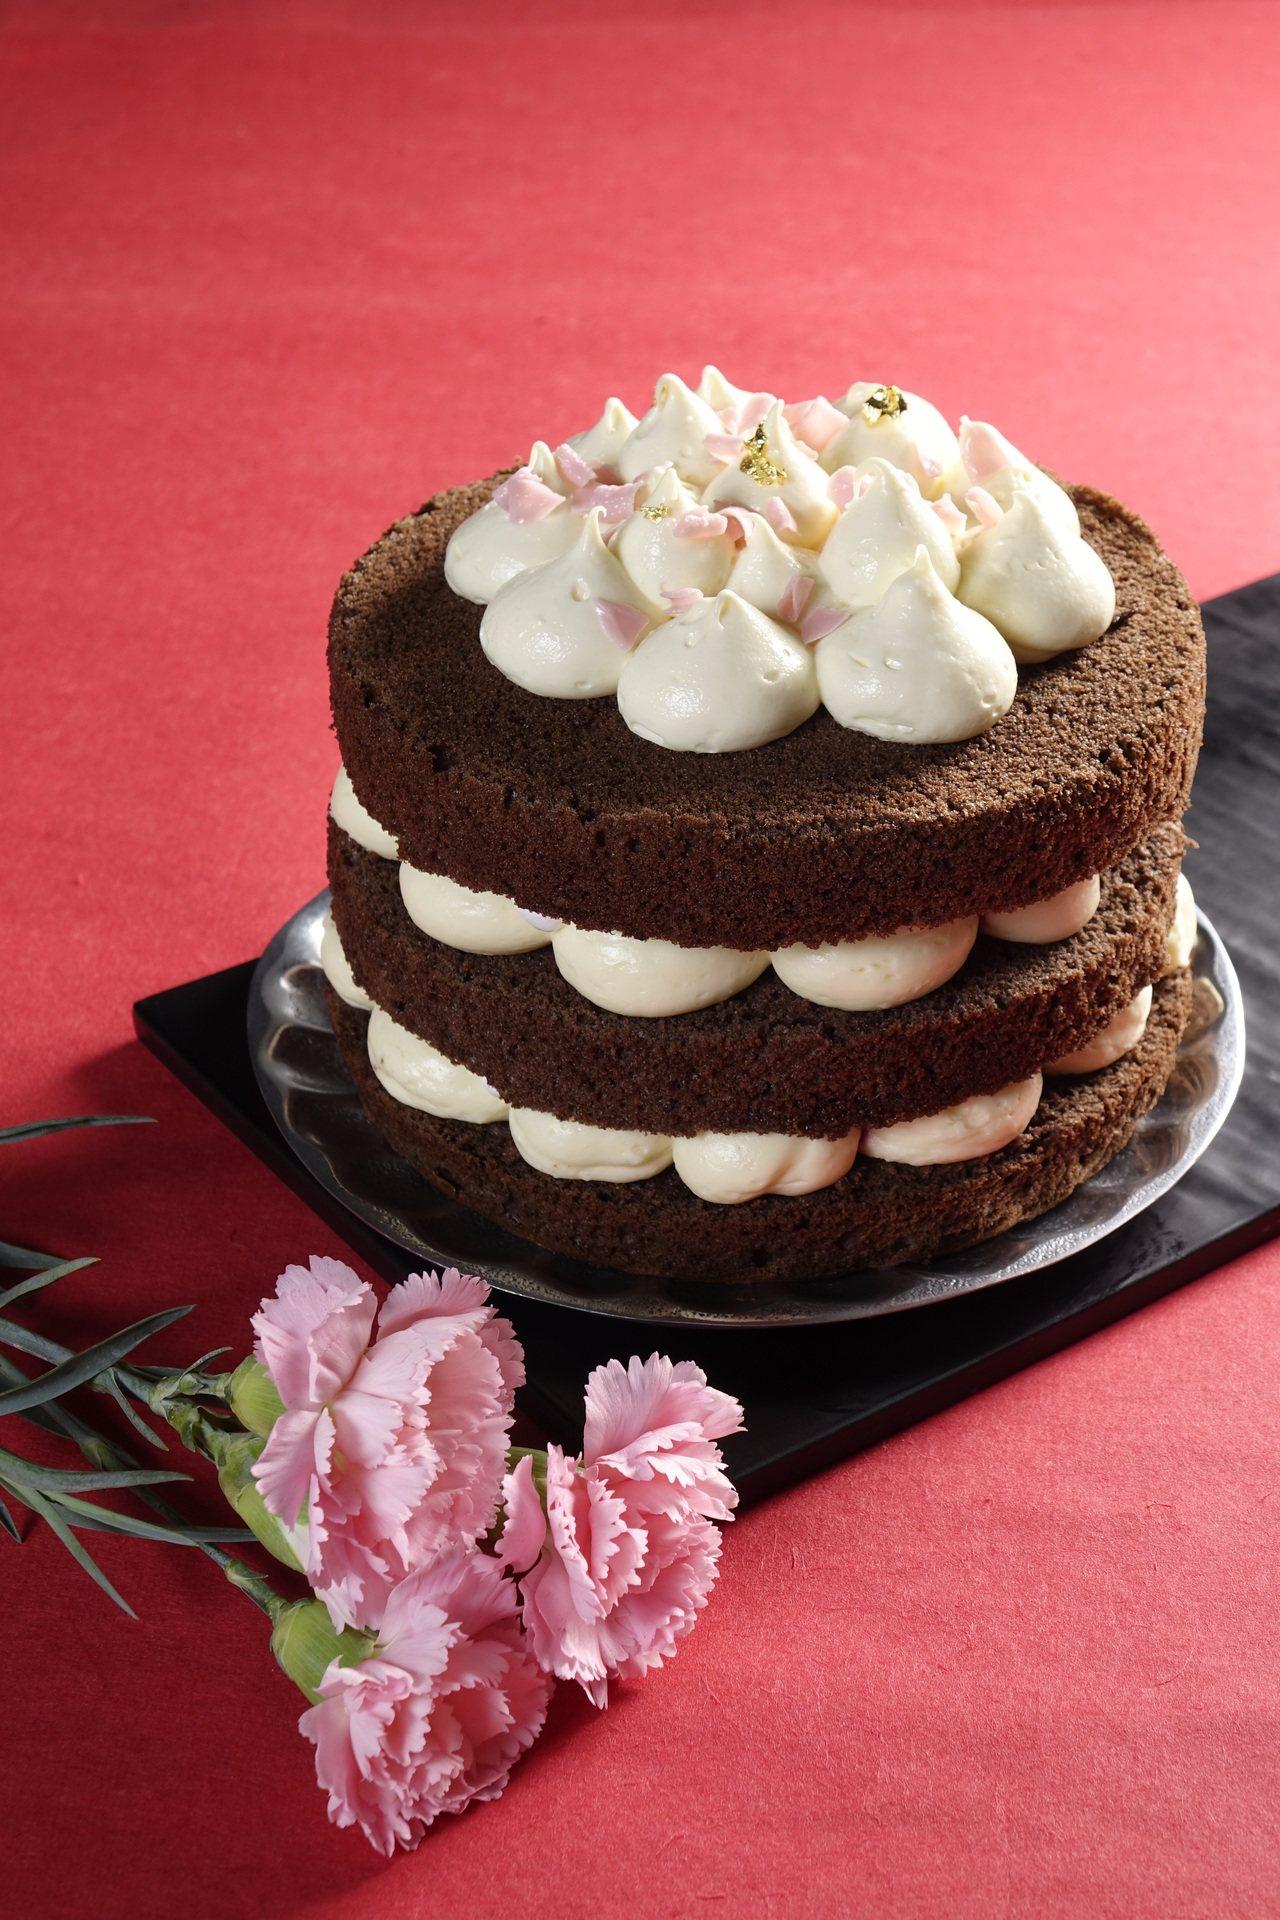 母親節莓酪可裸蛋糕,6吋、預購特惠499元。圖/路易莎咖啡提供